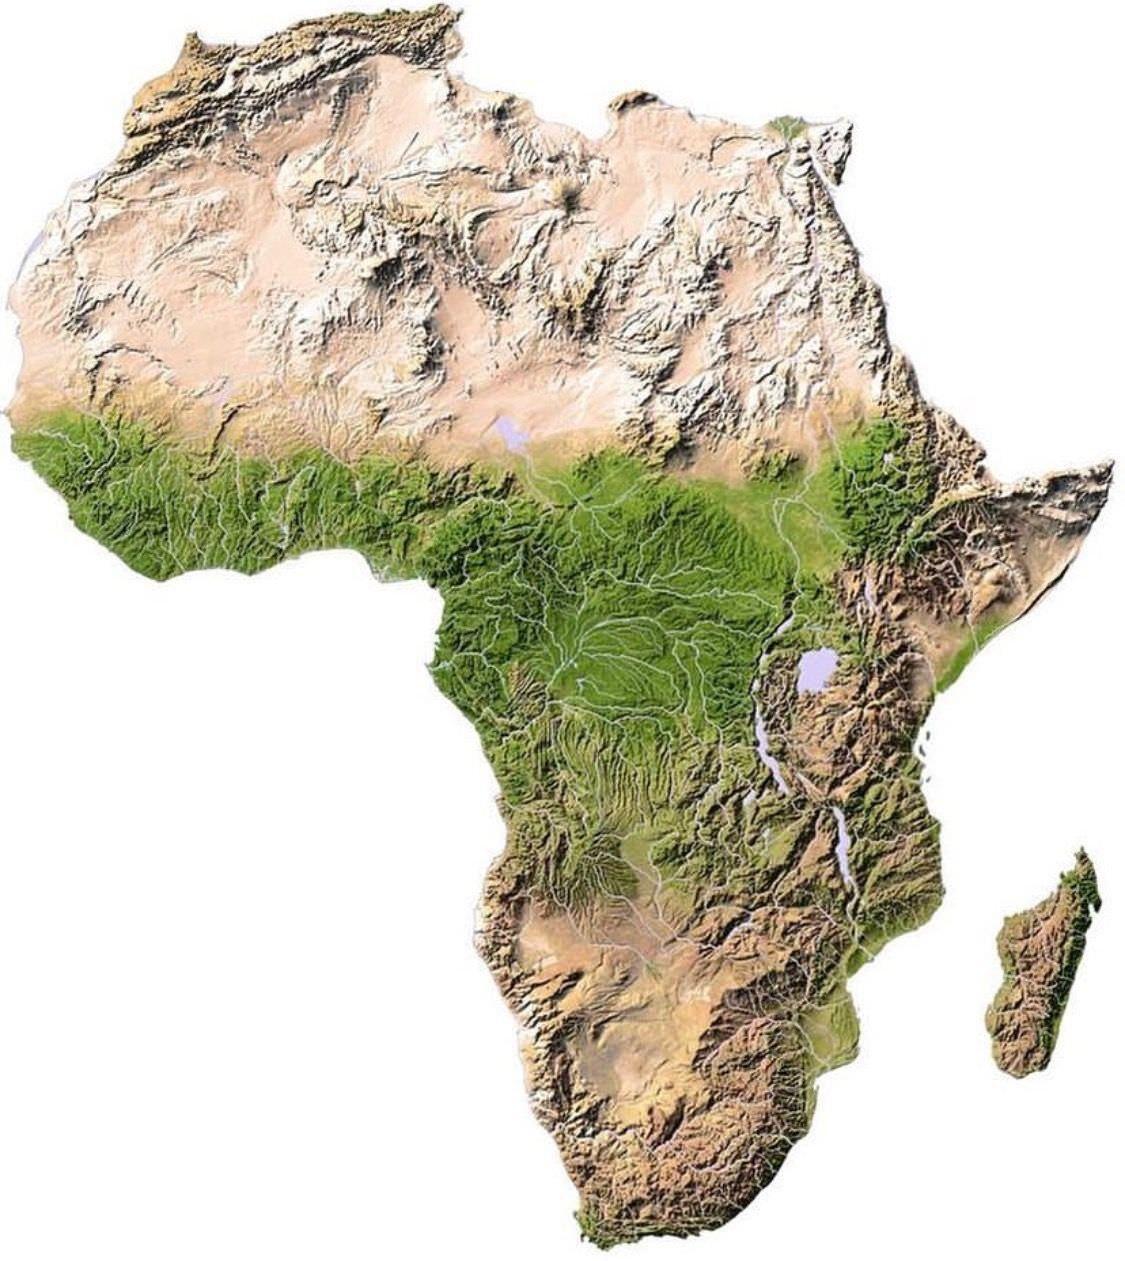 Terrain Map Of Africa Topographic raised relief map of Africa   Africa map, Relief map